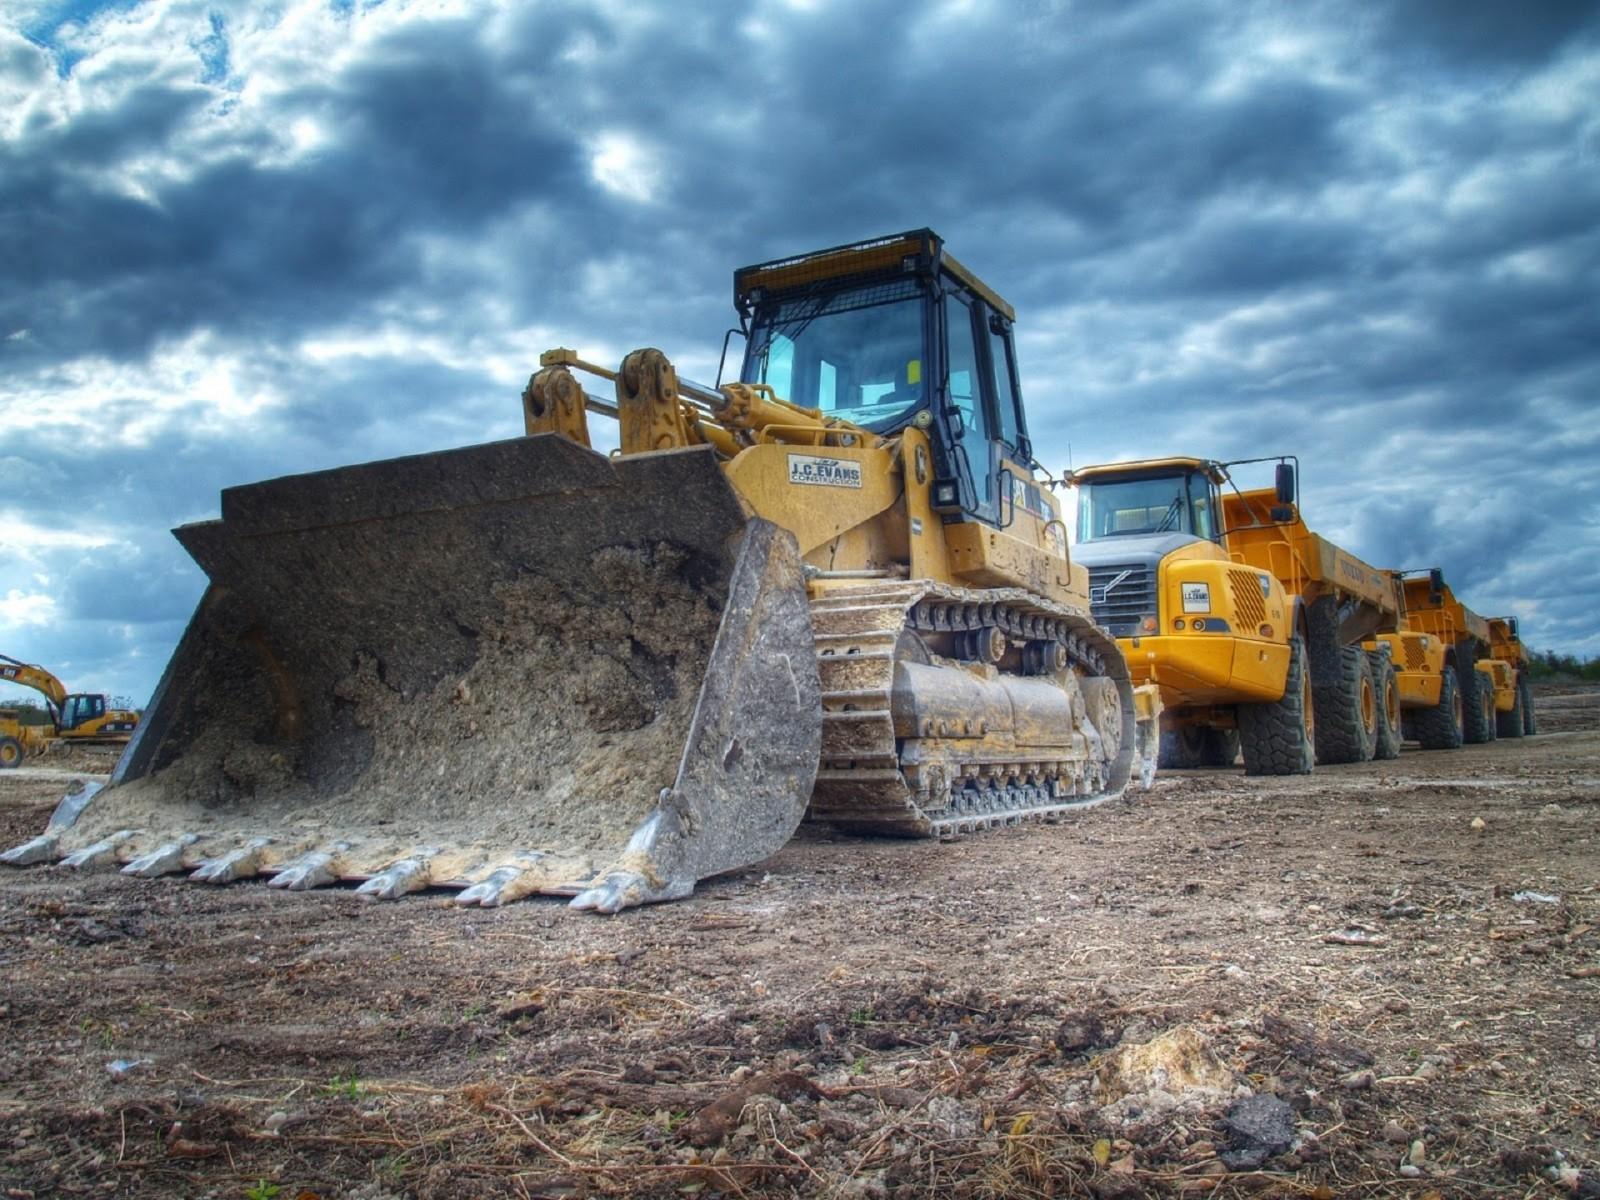 mining-machines-machinery-equipment-industry (1)